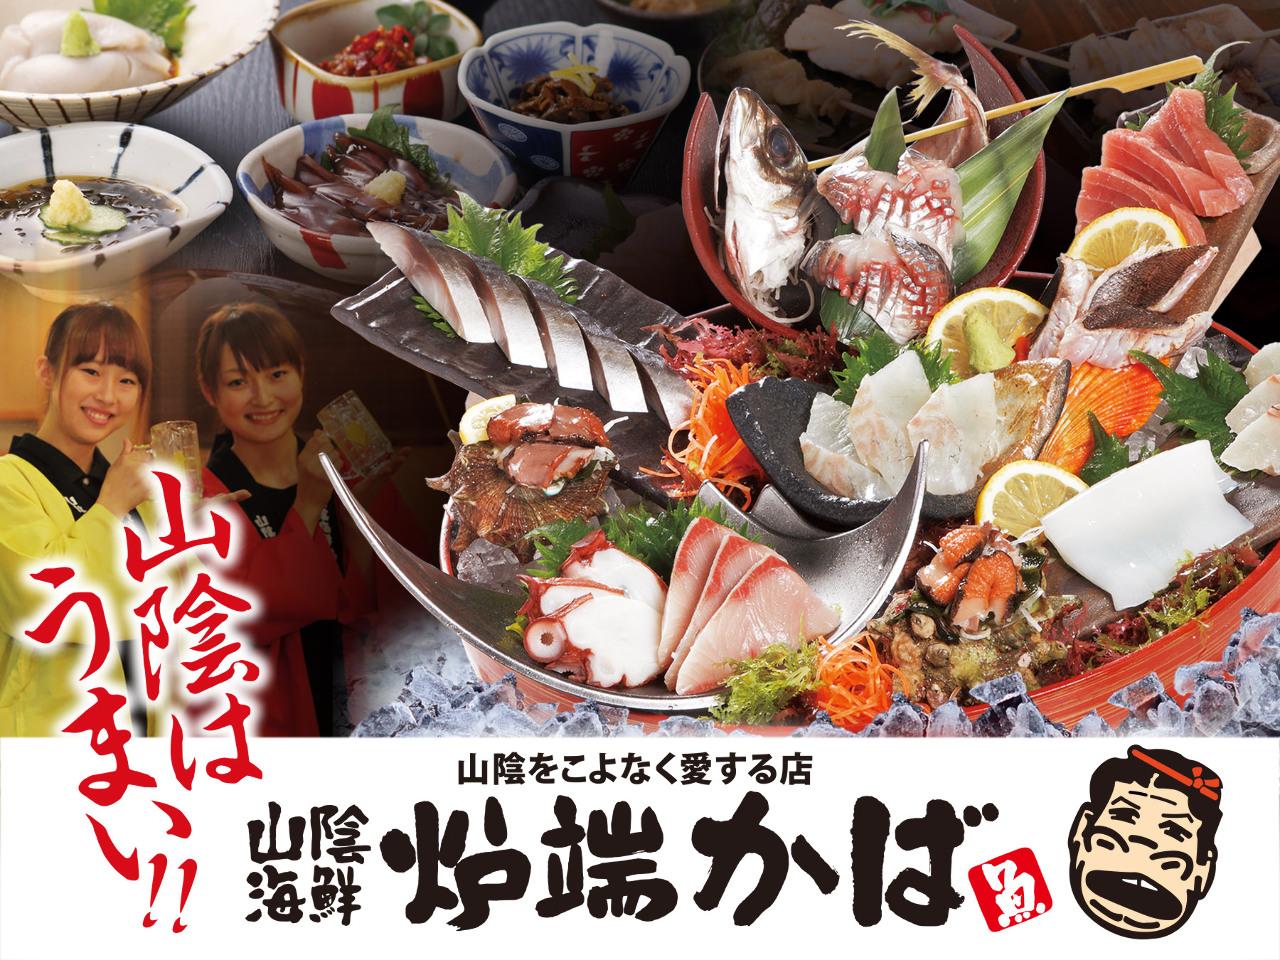 炉端かば 広島三原店のイメージ写真